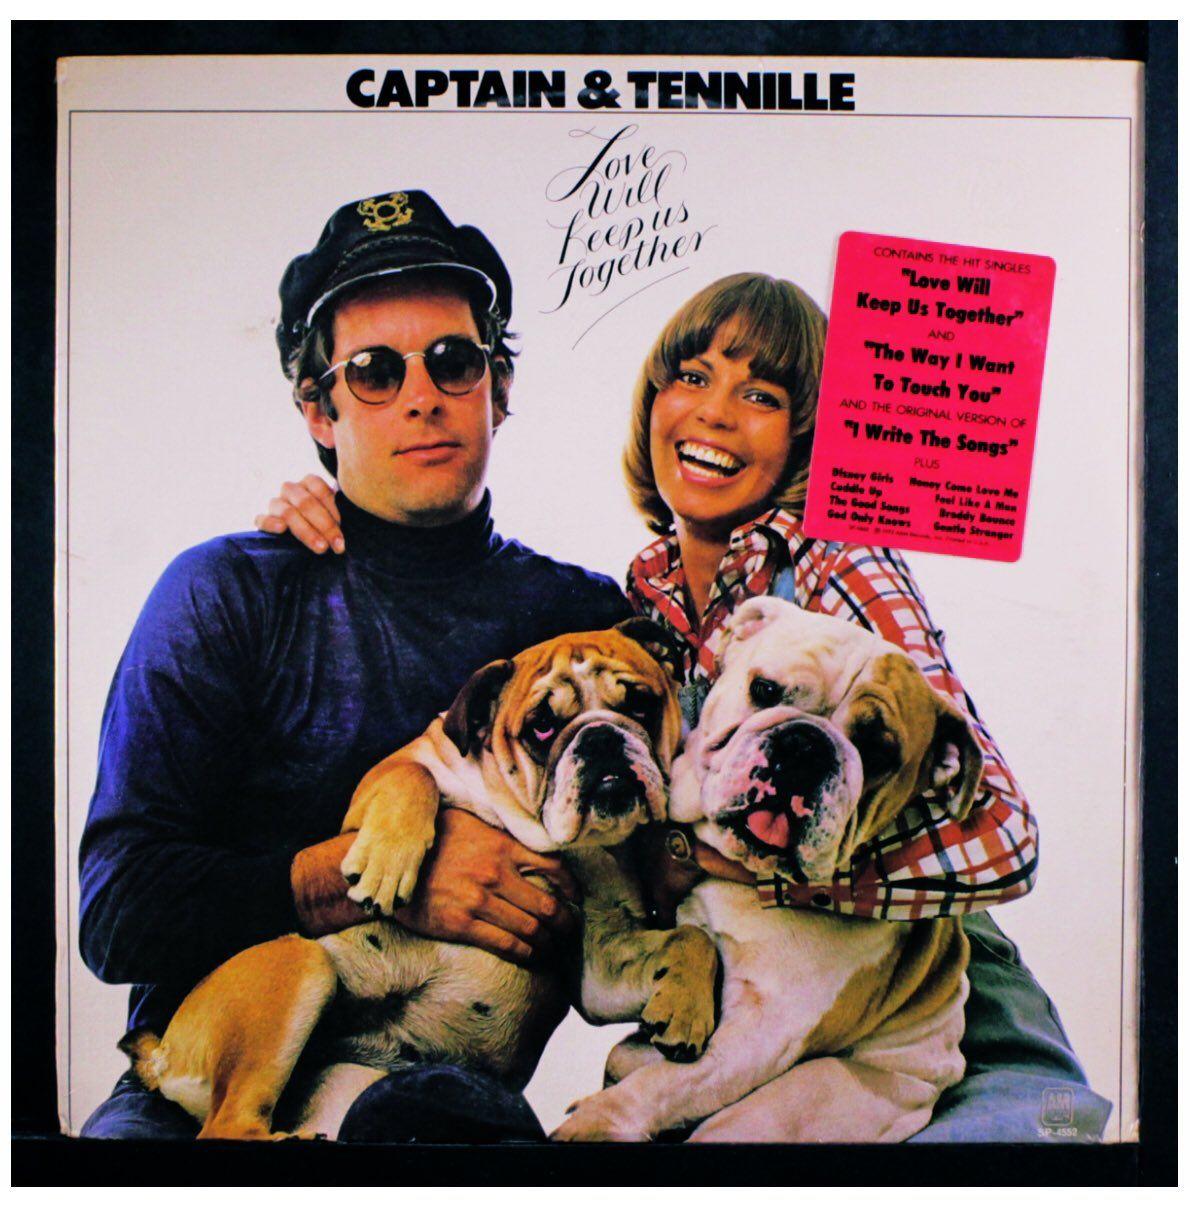 Captain & Tennille album cover